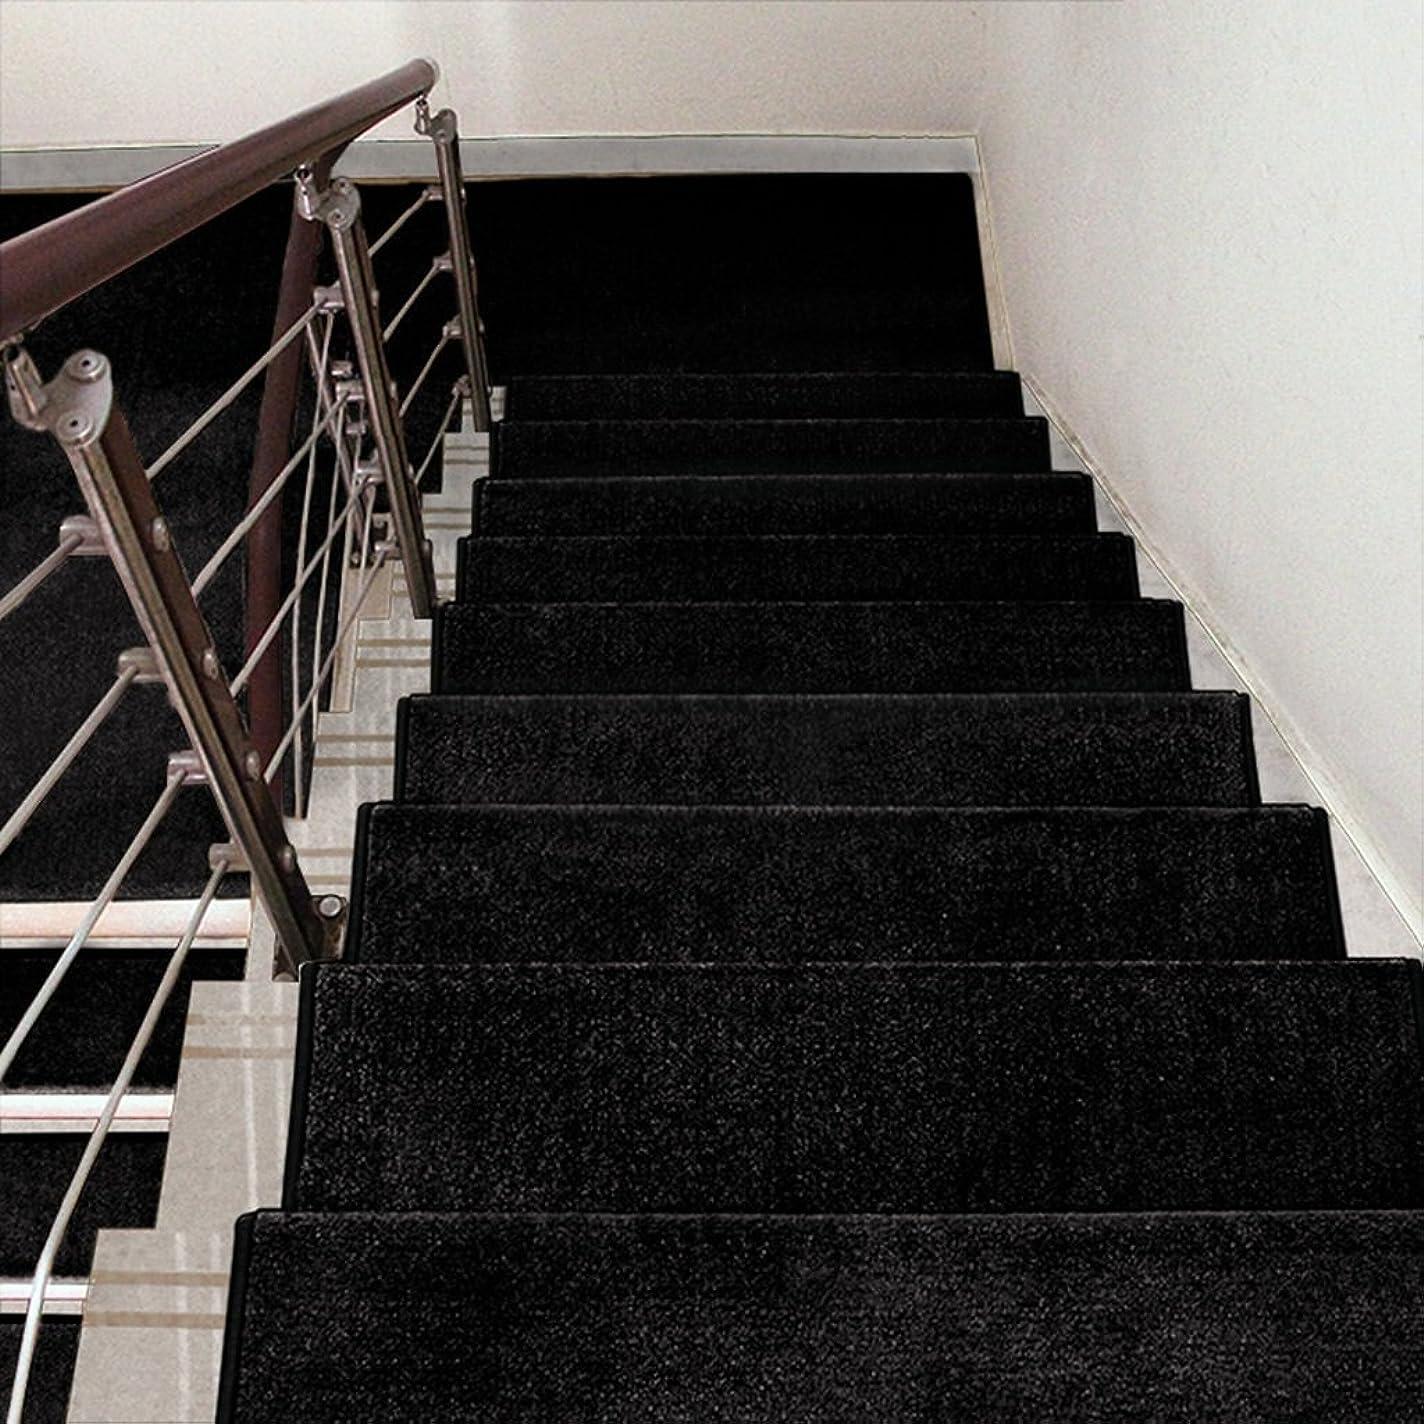 いたずらゴールドなす自己粘着性滑り止めソリッドウッド家庭用ステップパッド余分な厚い無地の色の階段のカーペットの色のサイズ (色 : ブラック, サイズ さいず : 1 Piece-90*24cm)